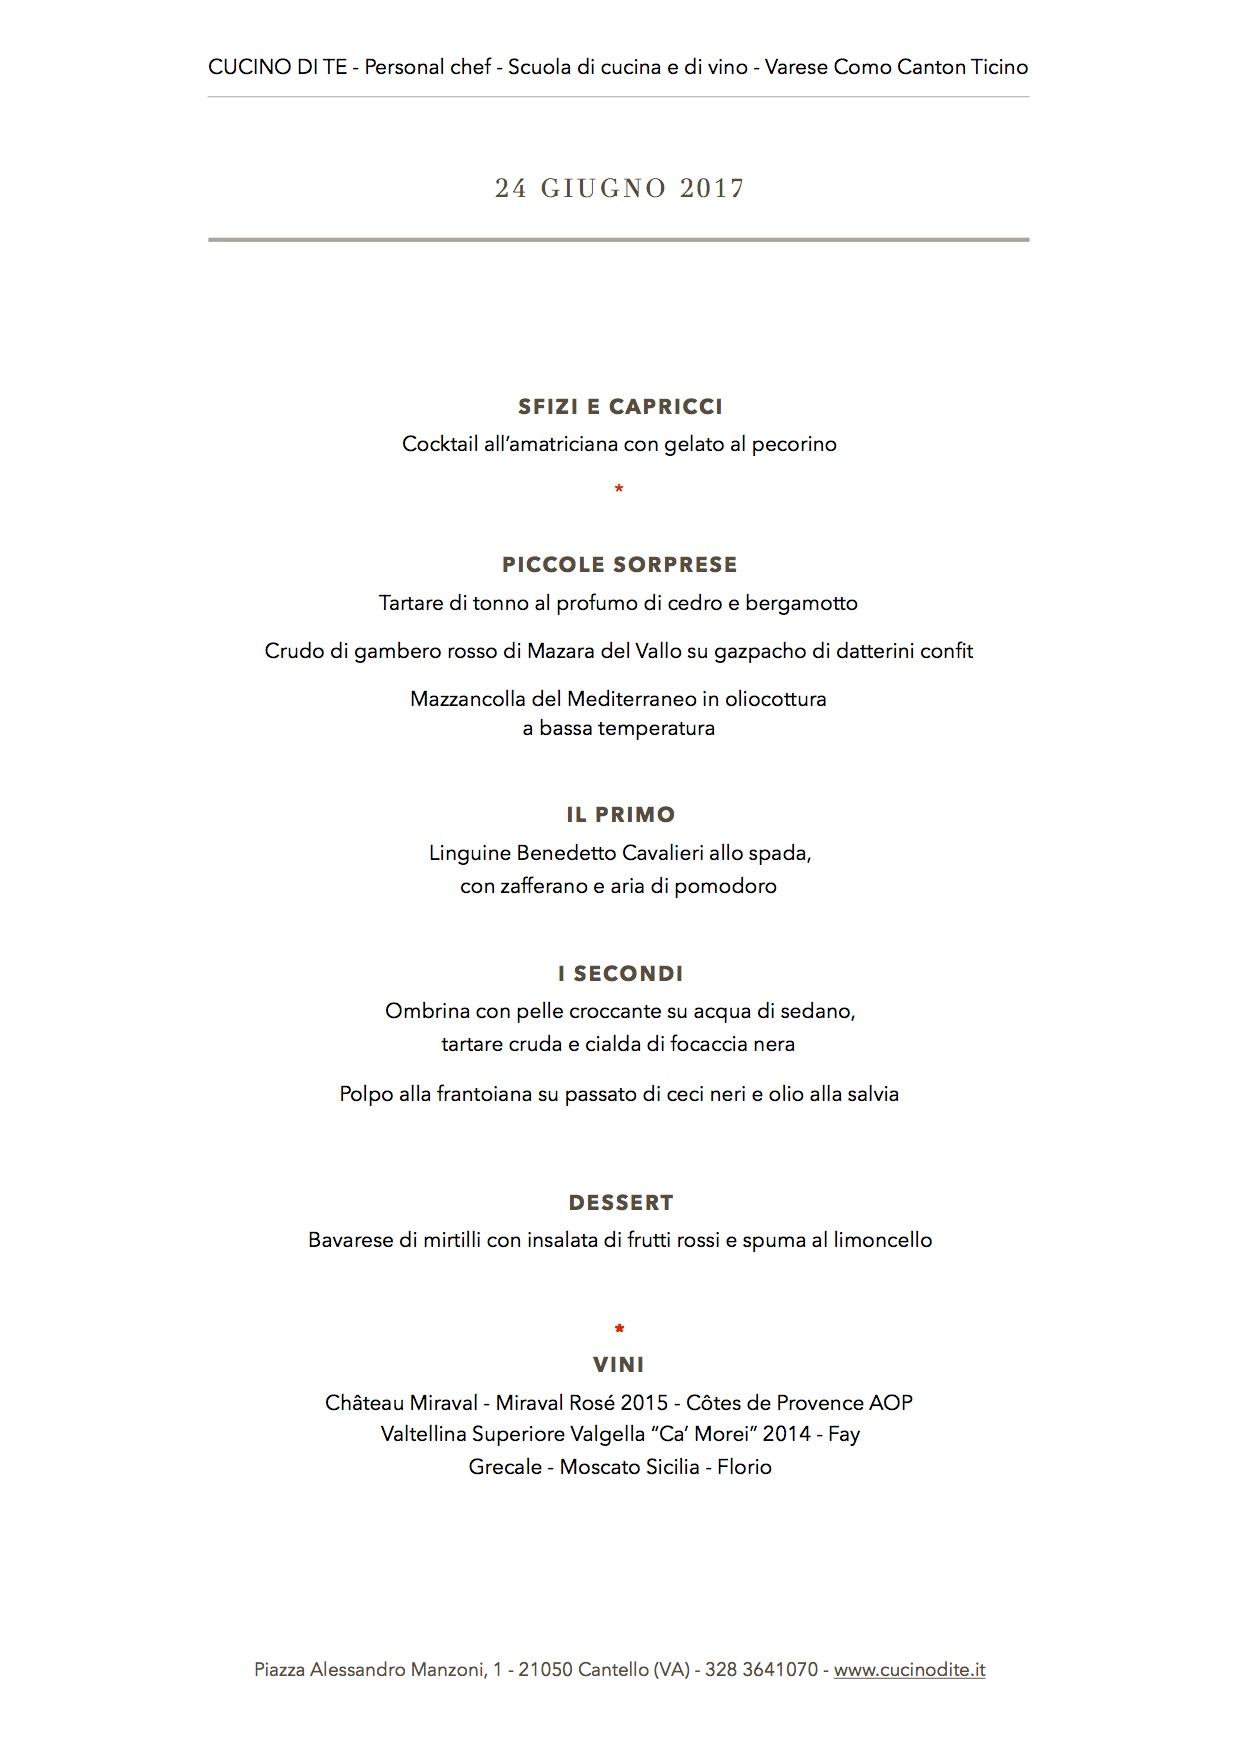 cucino di te - menù del 24 giugno 2017